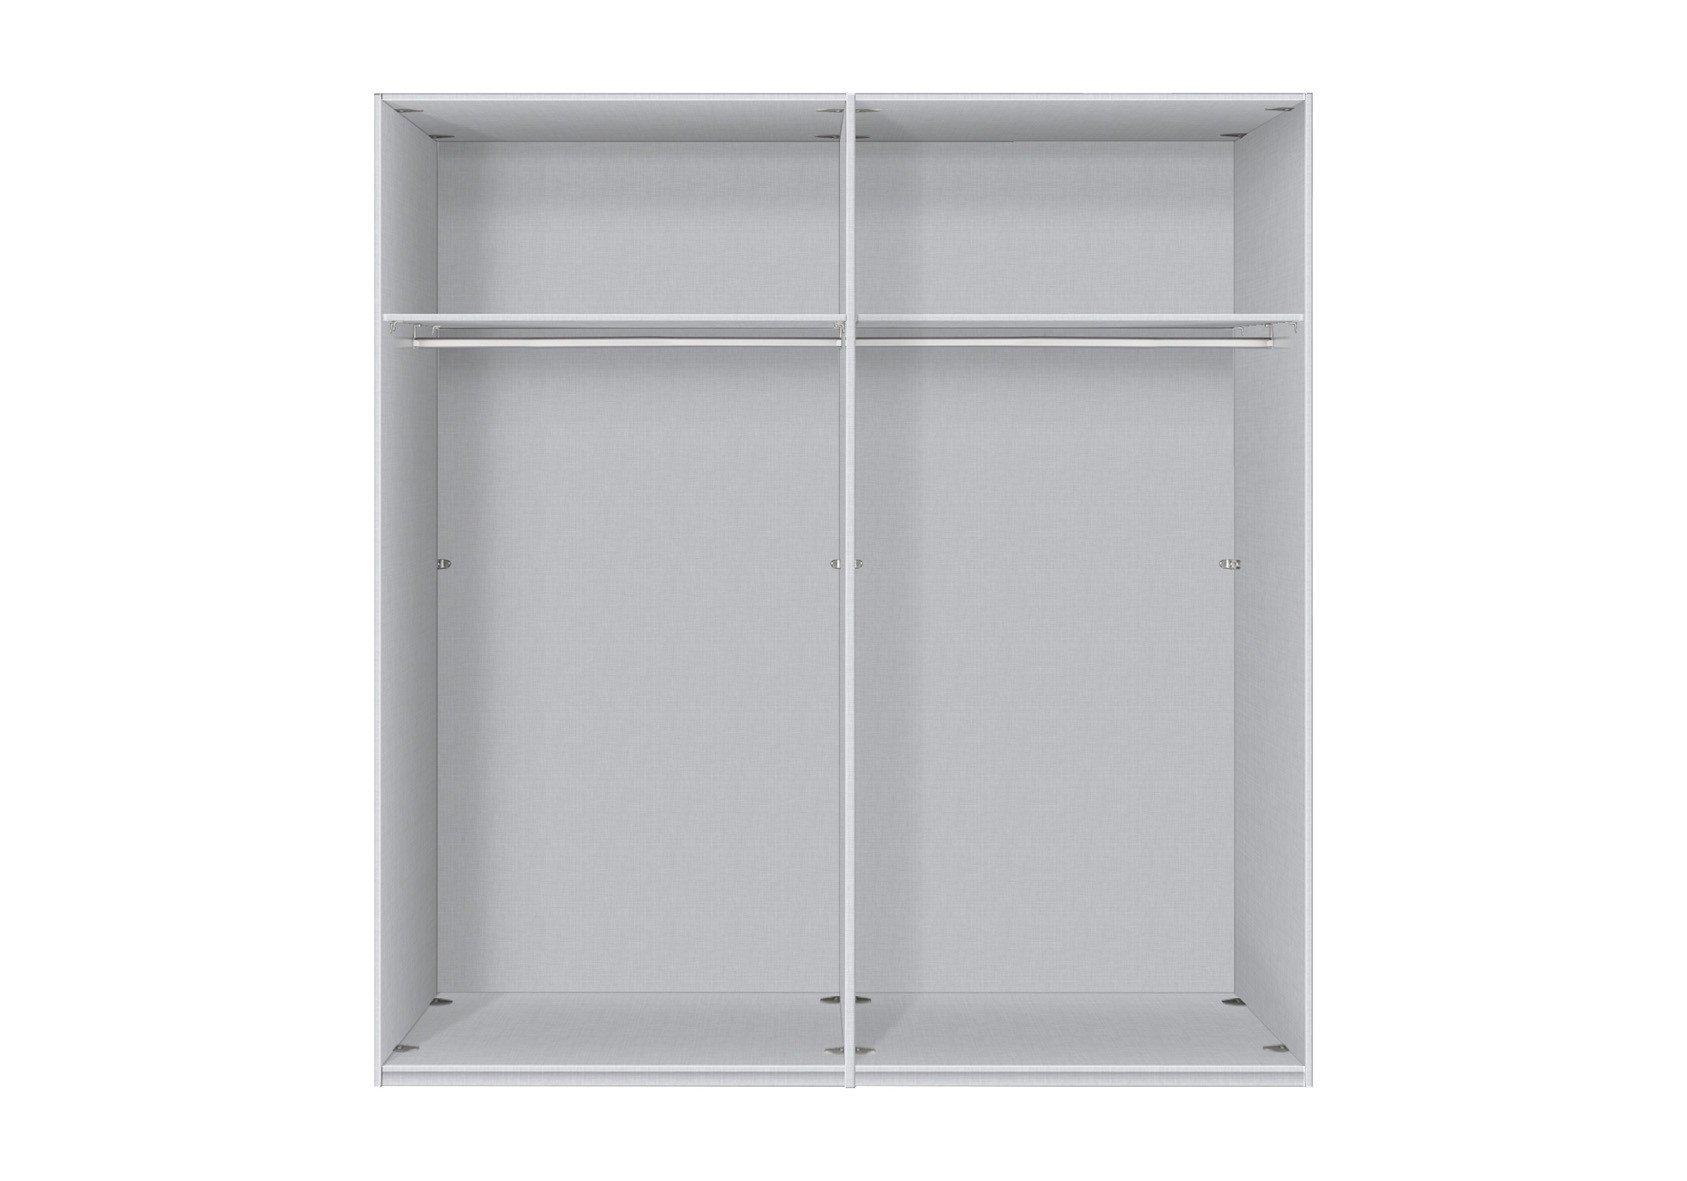 kleiderschrank schwarz madrid express m bel letz ihr online shop. Black Bedroom Furniture Sets. Home Design Ideas